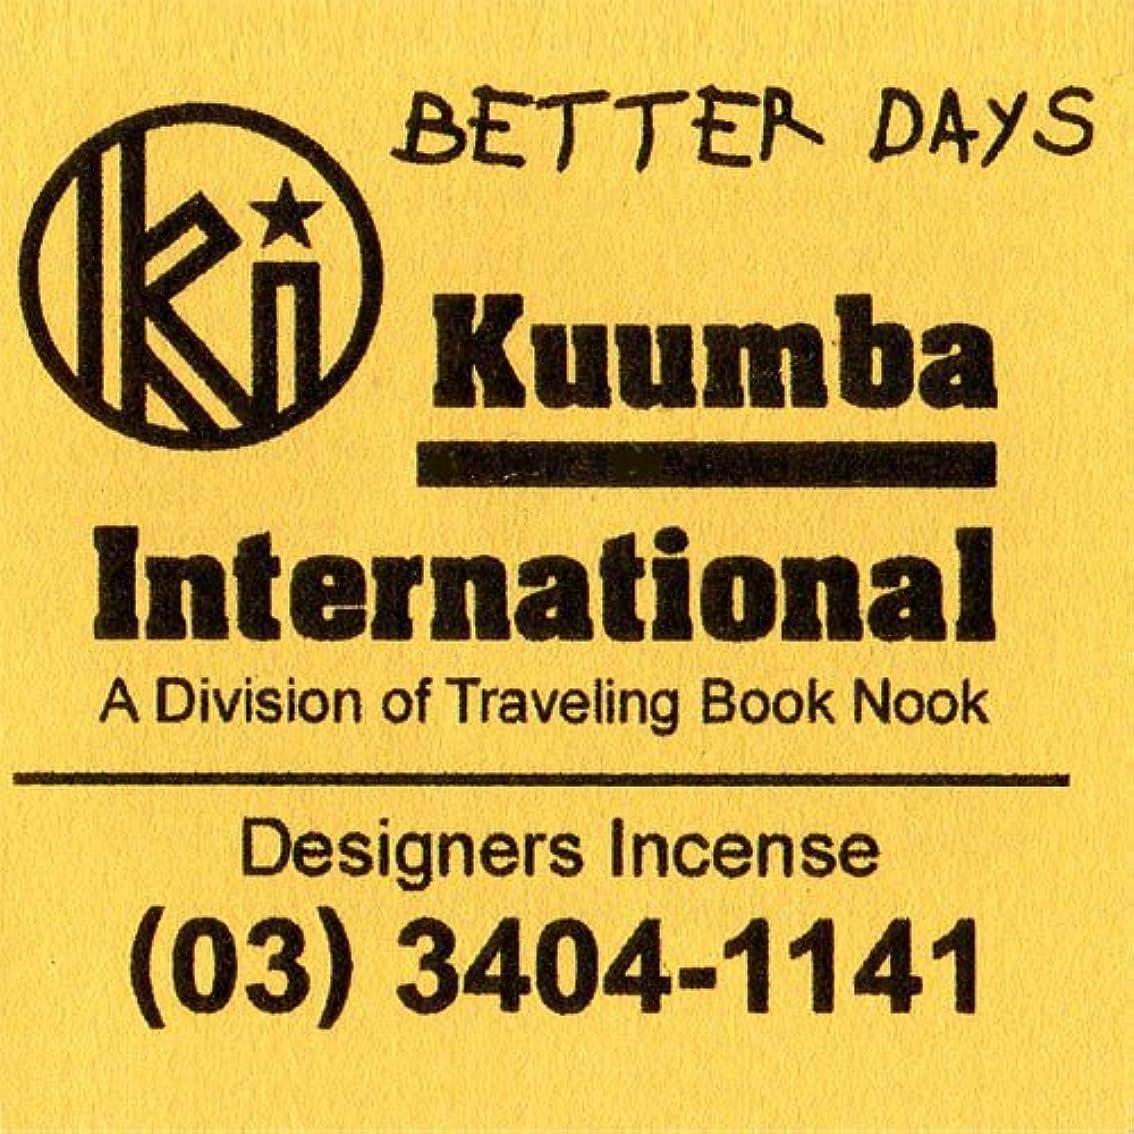 つなぐ燃料馬鹿KUUMBA/クンバ『incense』(BETTER DAYS) (Regular size)